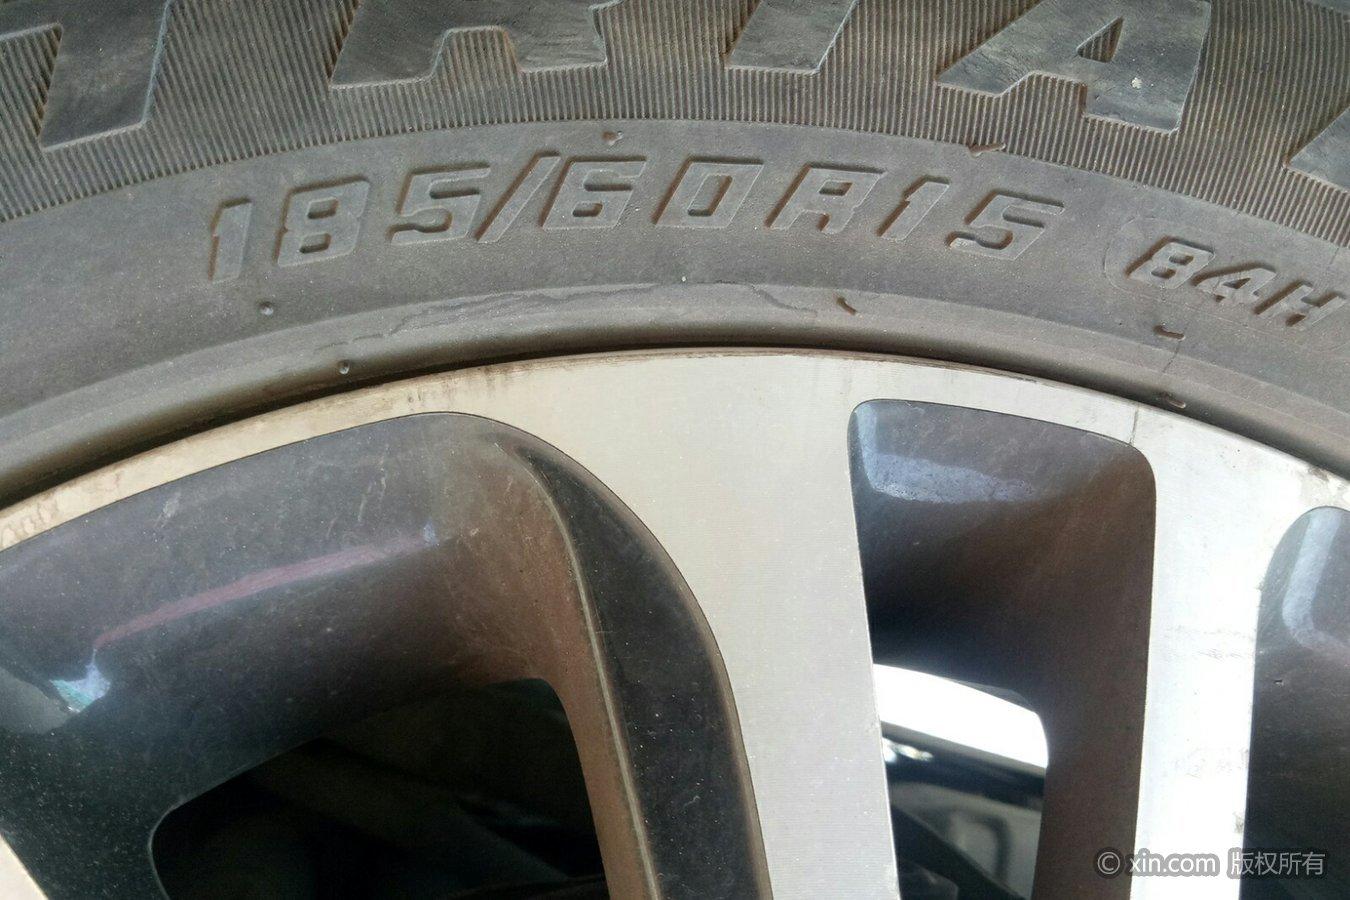 铃木轮胎左前雨燕尺寸吉祥种绒山羊图片